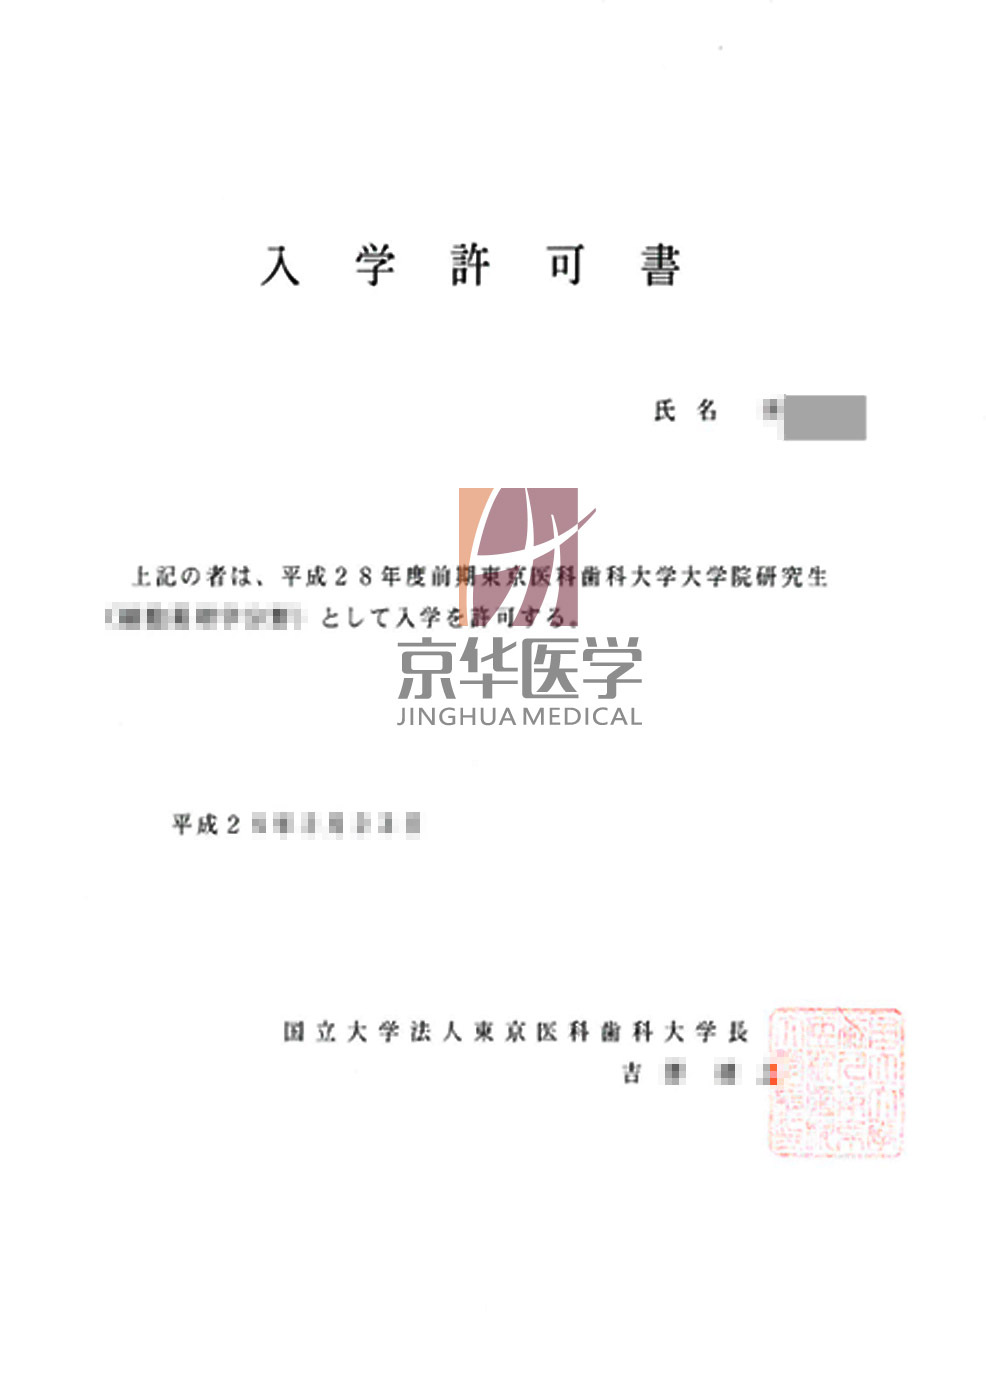 日本东京齿科大学医学博士邀请函offer